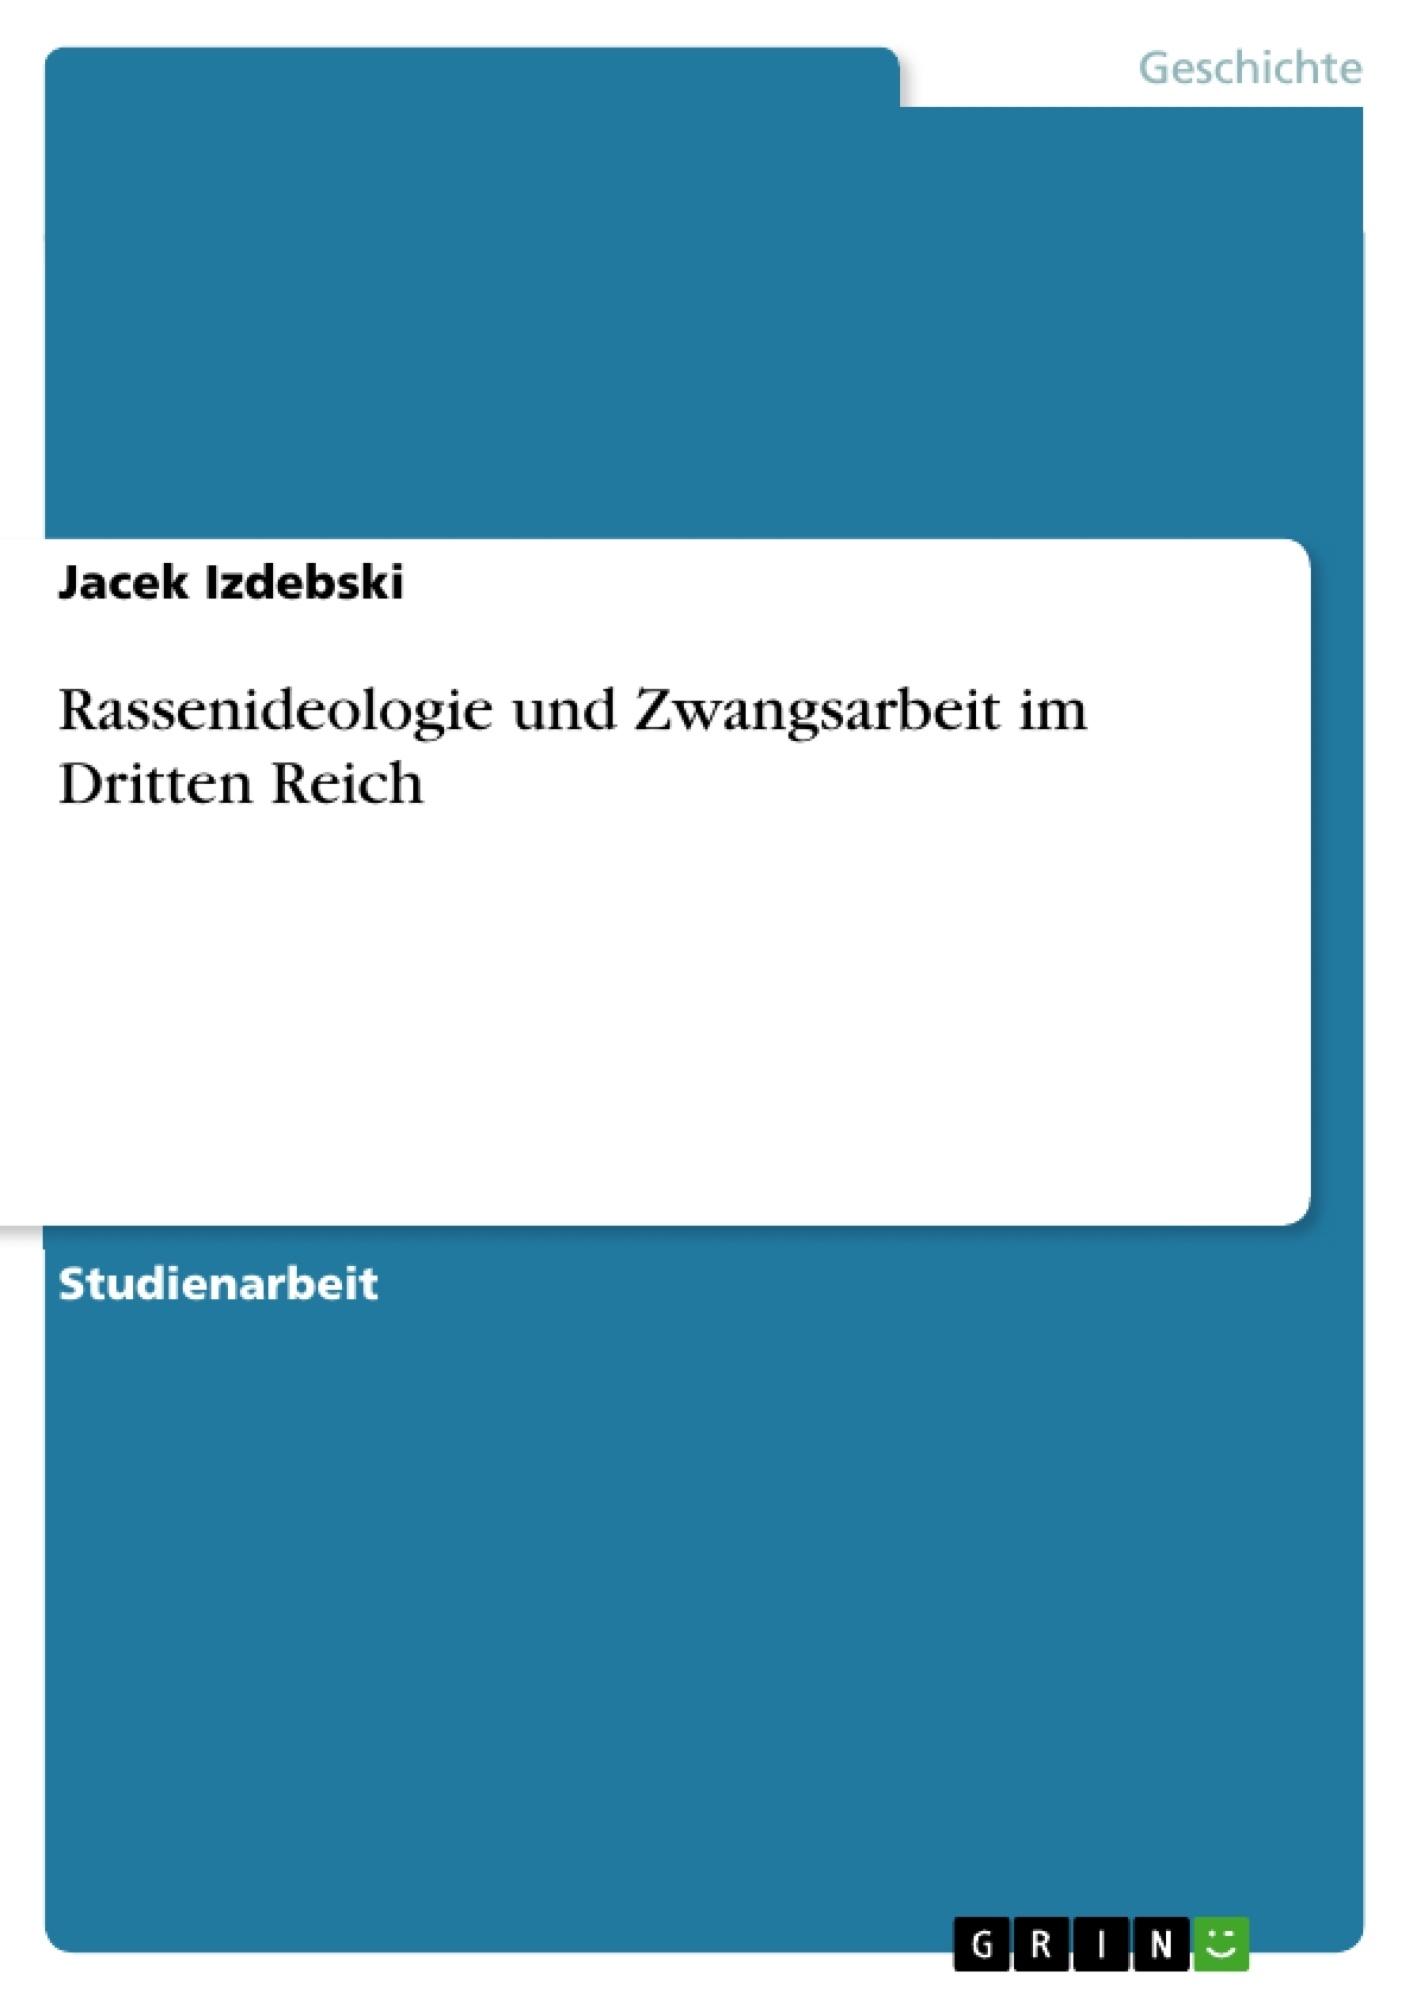 Titel: Rassenideologie und Zwangsarbeit im Dritten Reich